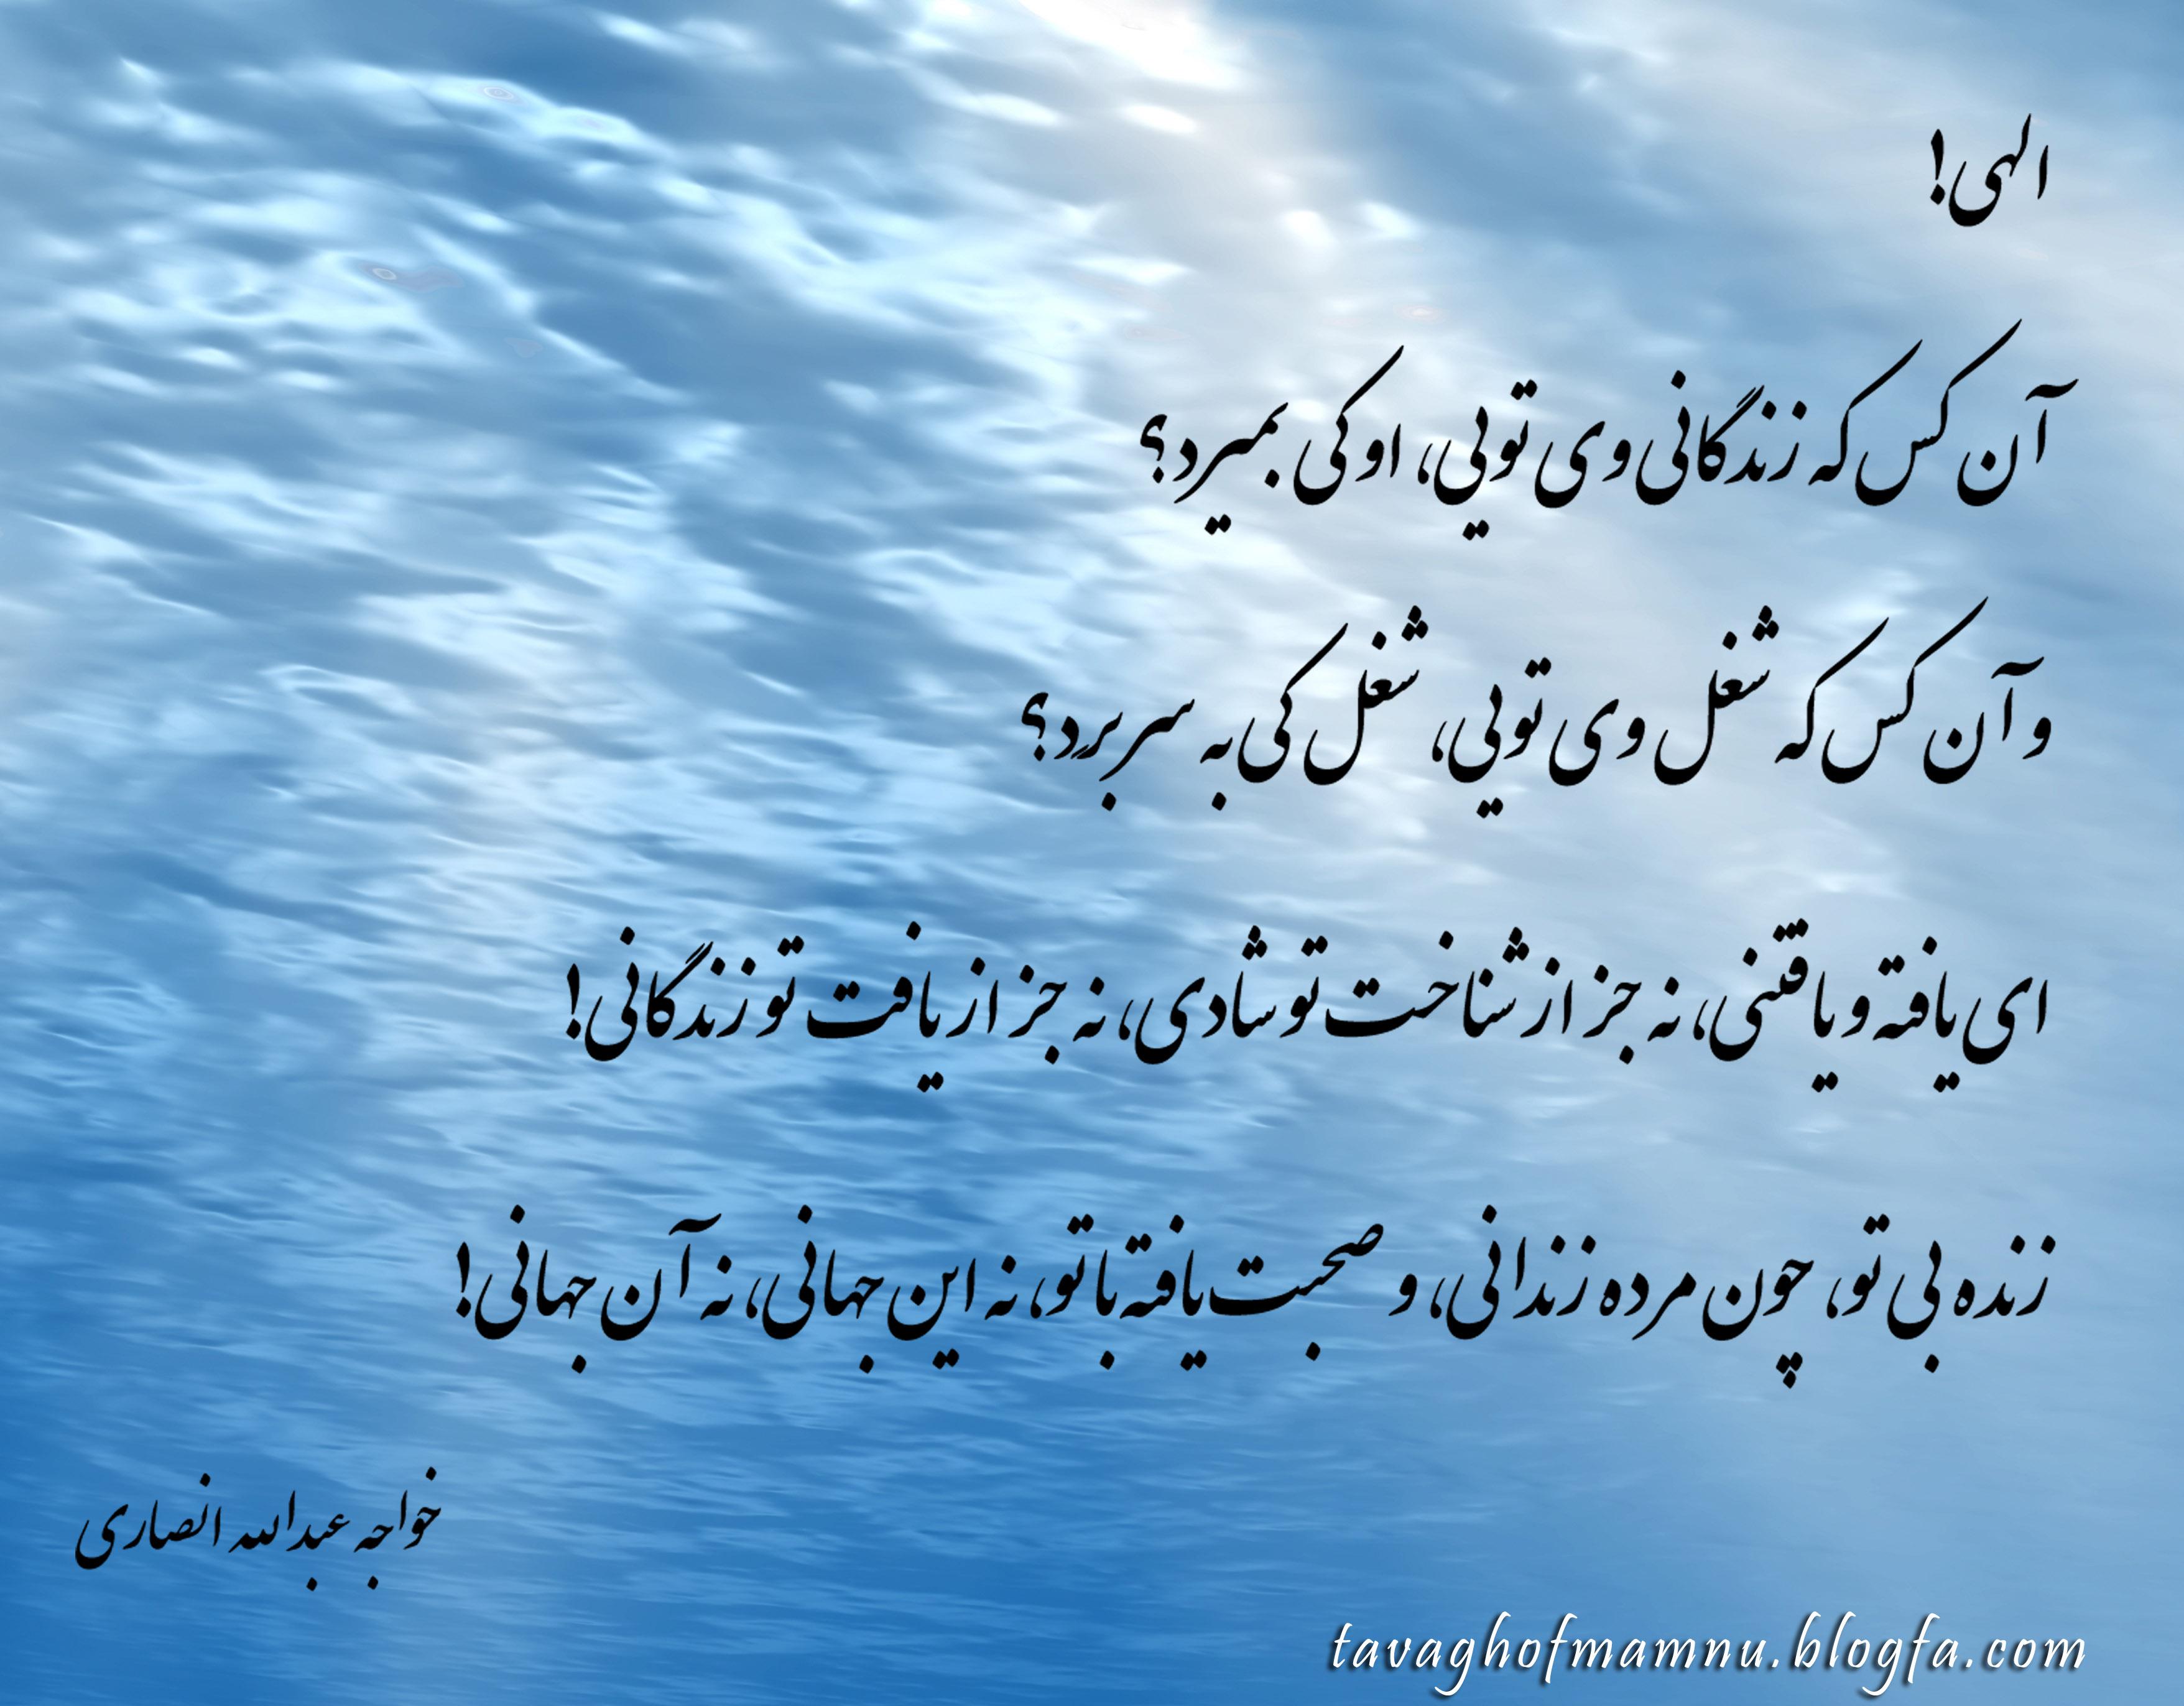 زندگی نامه عیدوک بامری از بندگی تا زندگی - الهی.